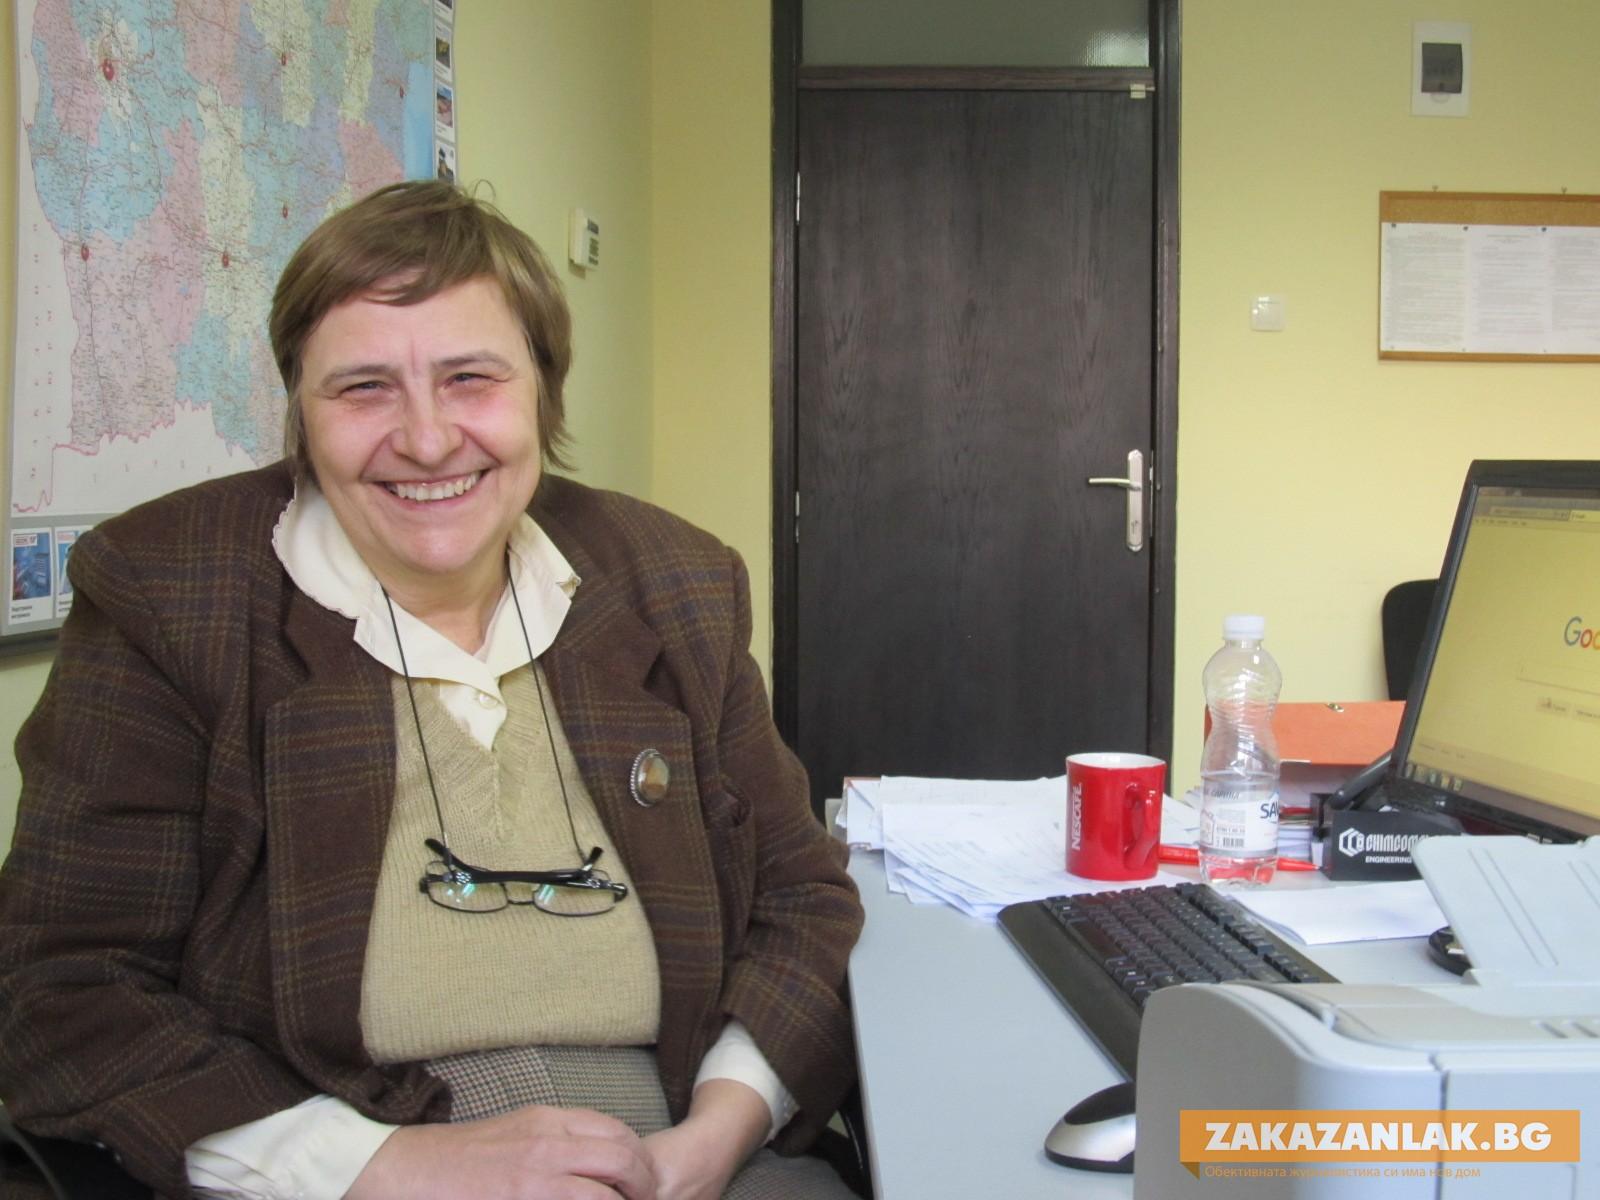 Един куфар с медали пази Маргарита Папукчиева